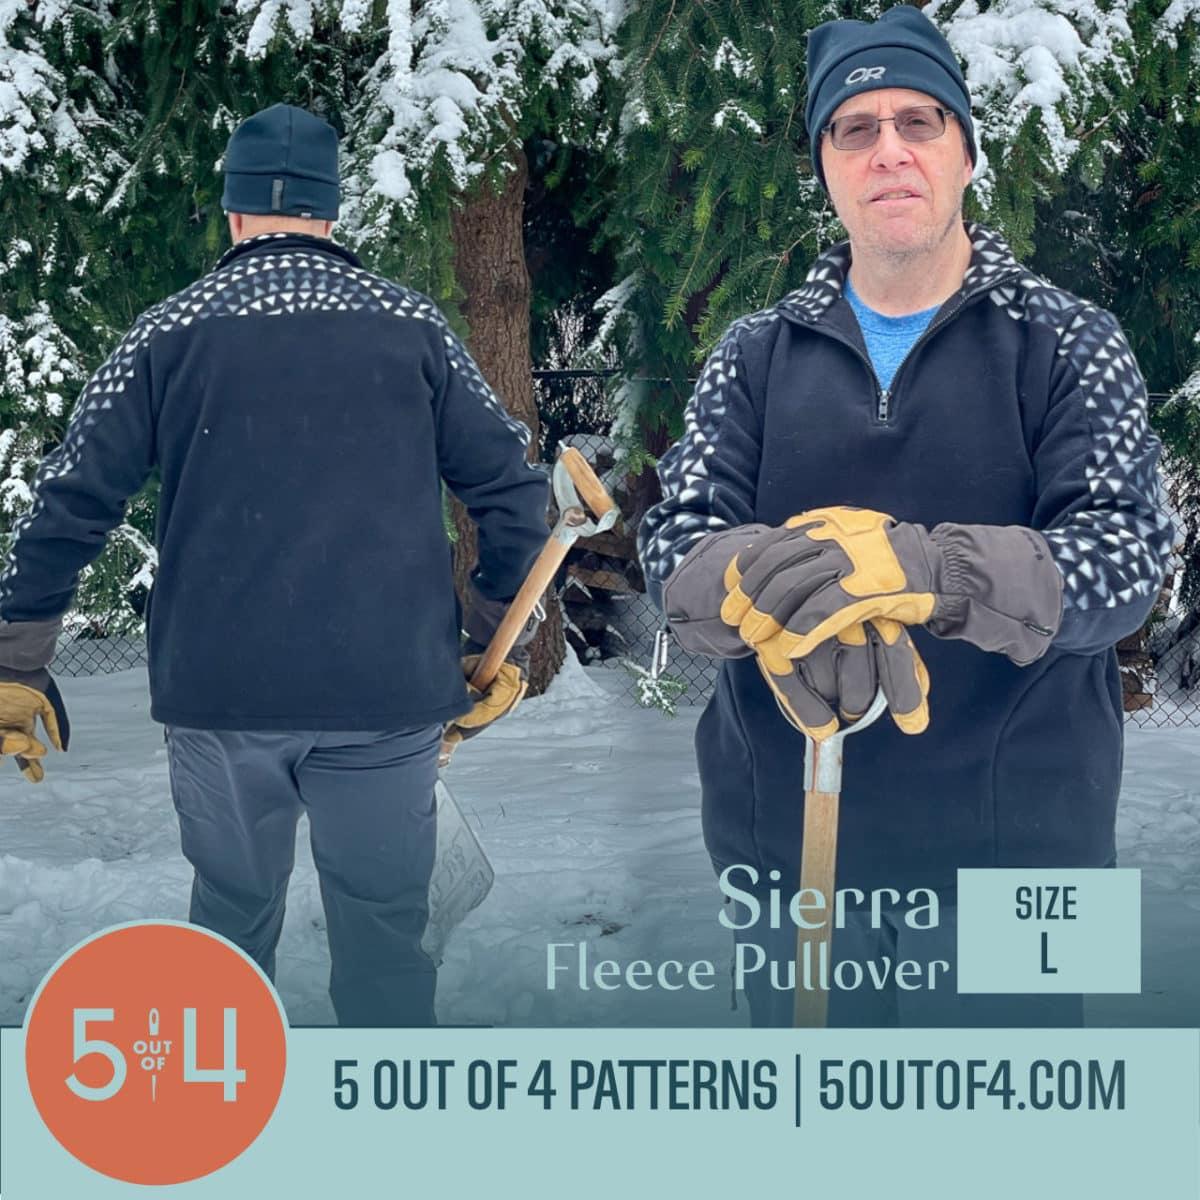 5oo4 Sierra